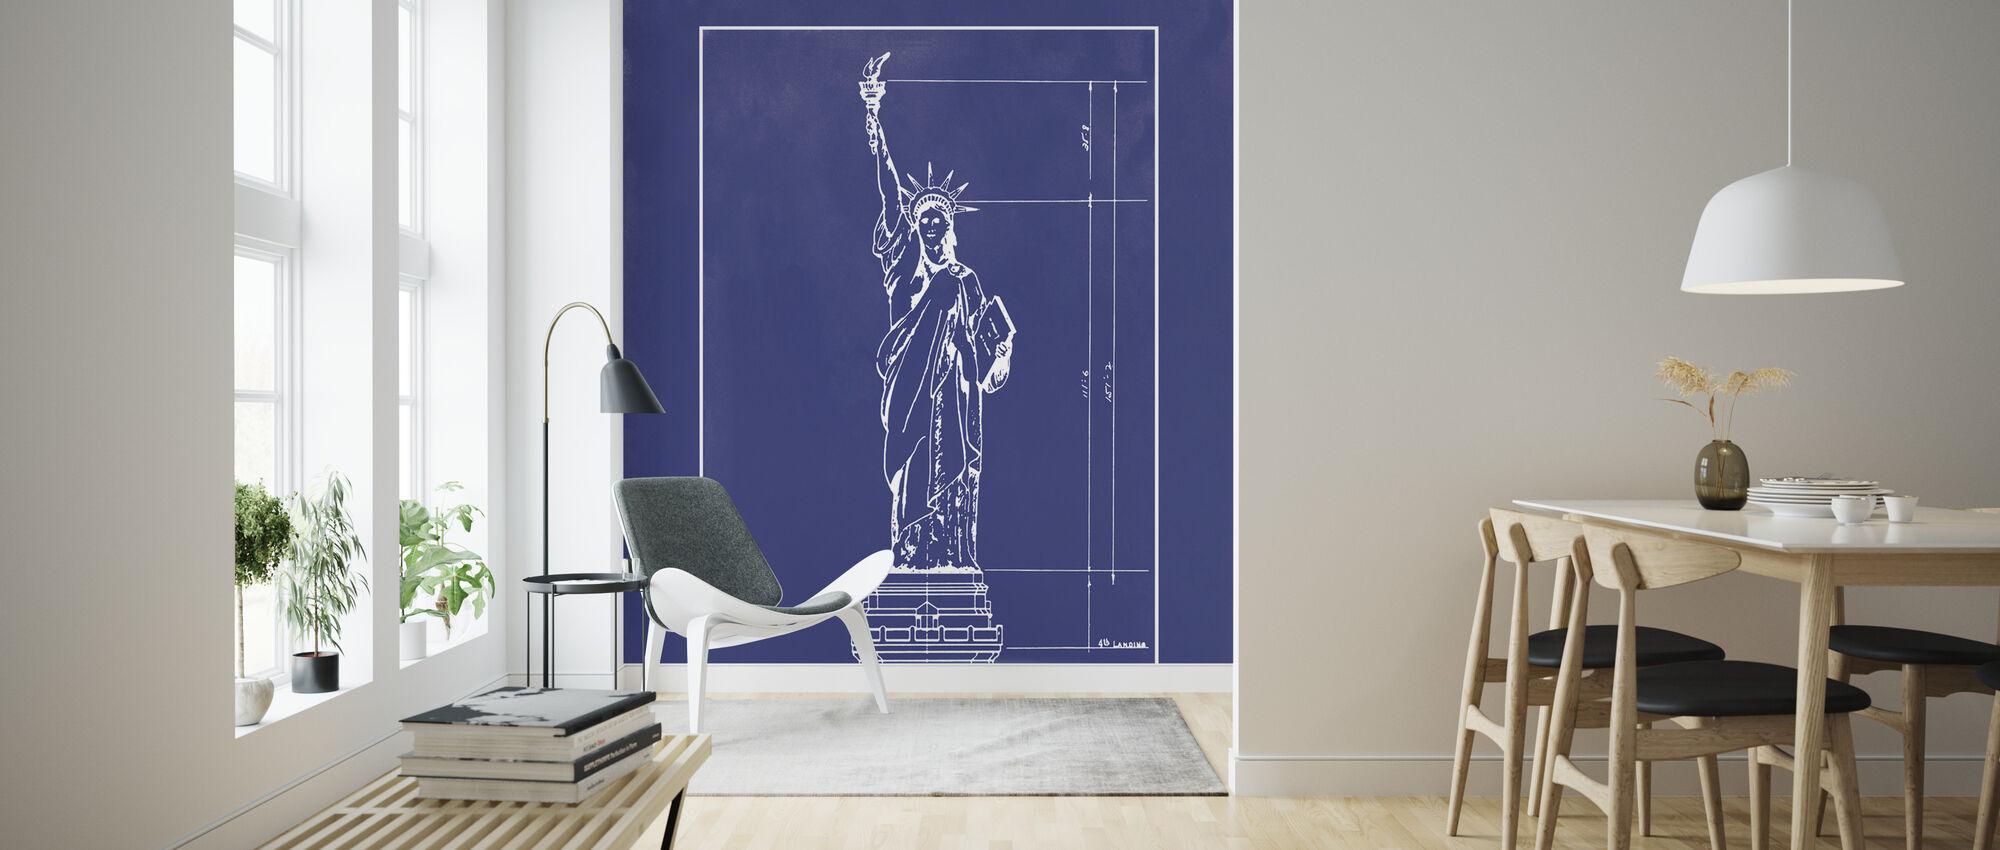 Vrijheidsbeeld - Blauwe Print - Behang - Woonkamer